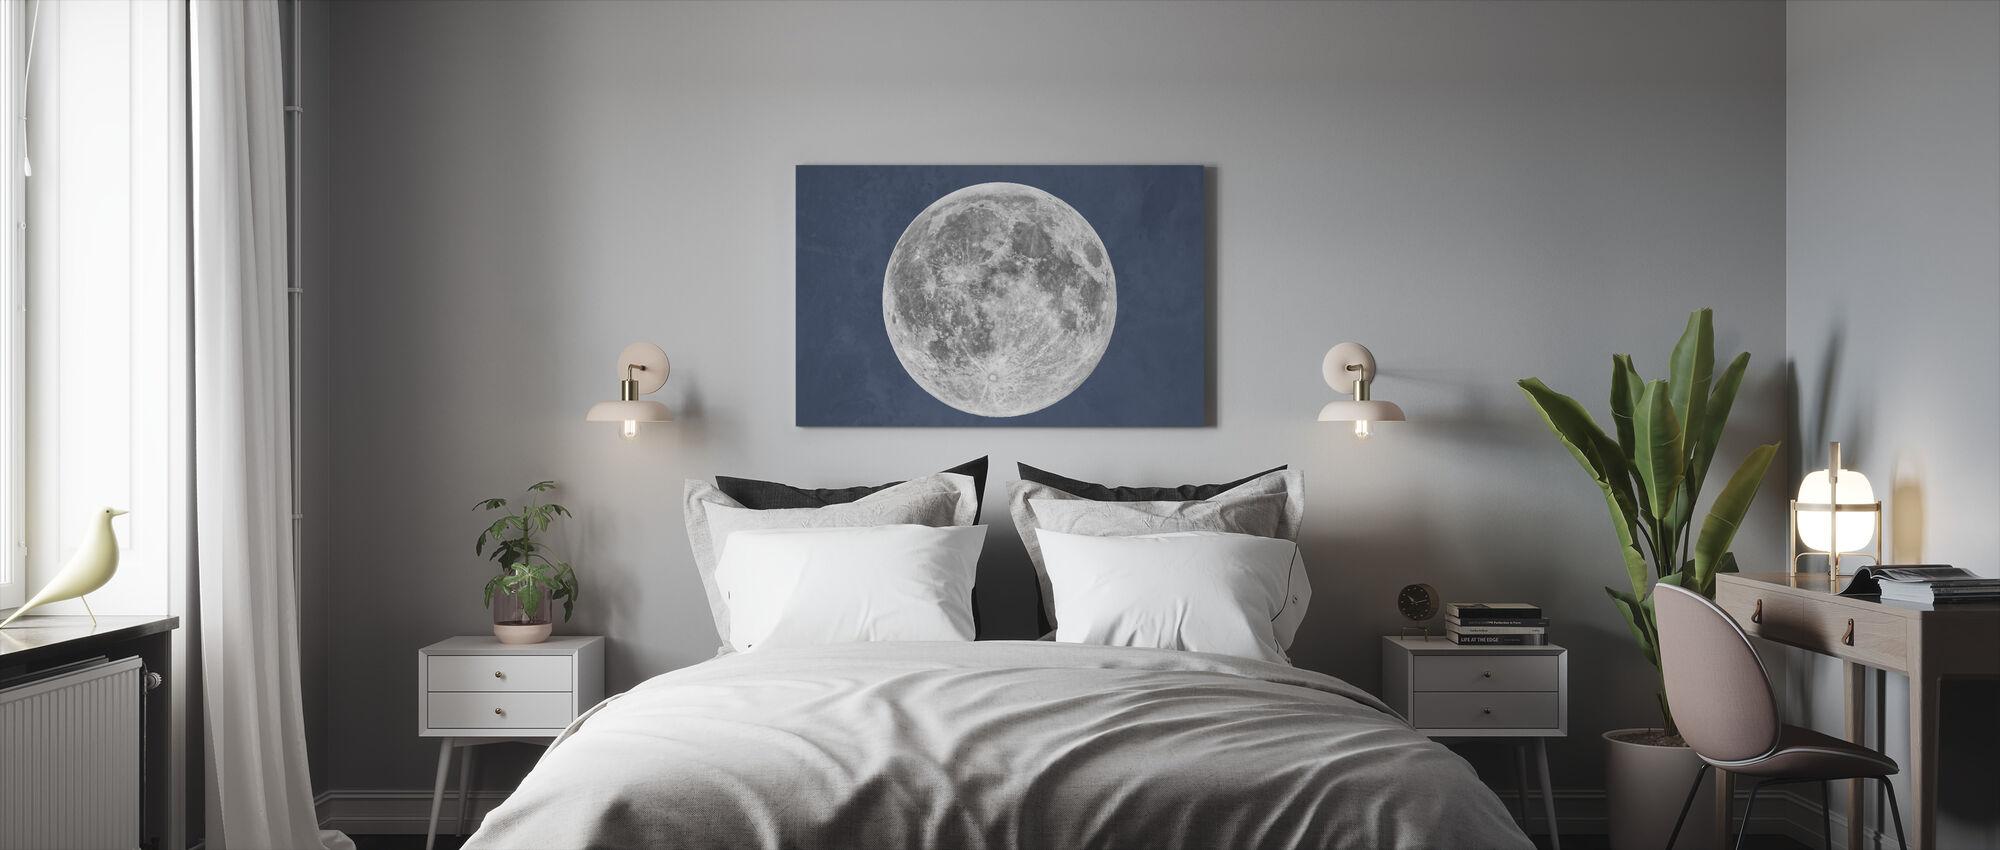 Sininen kuu - Canvastaulu - Makuuhuone